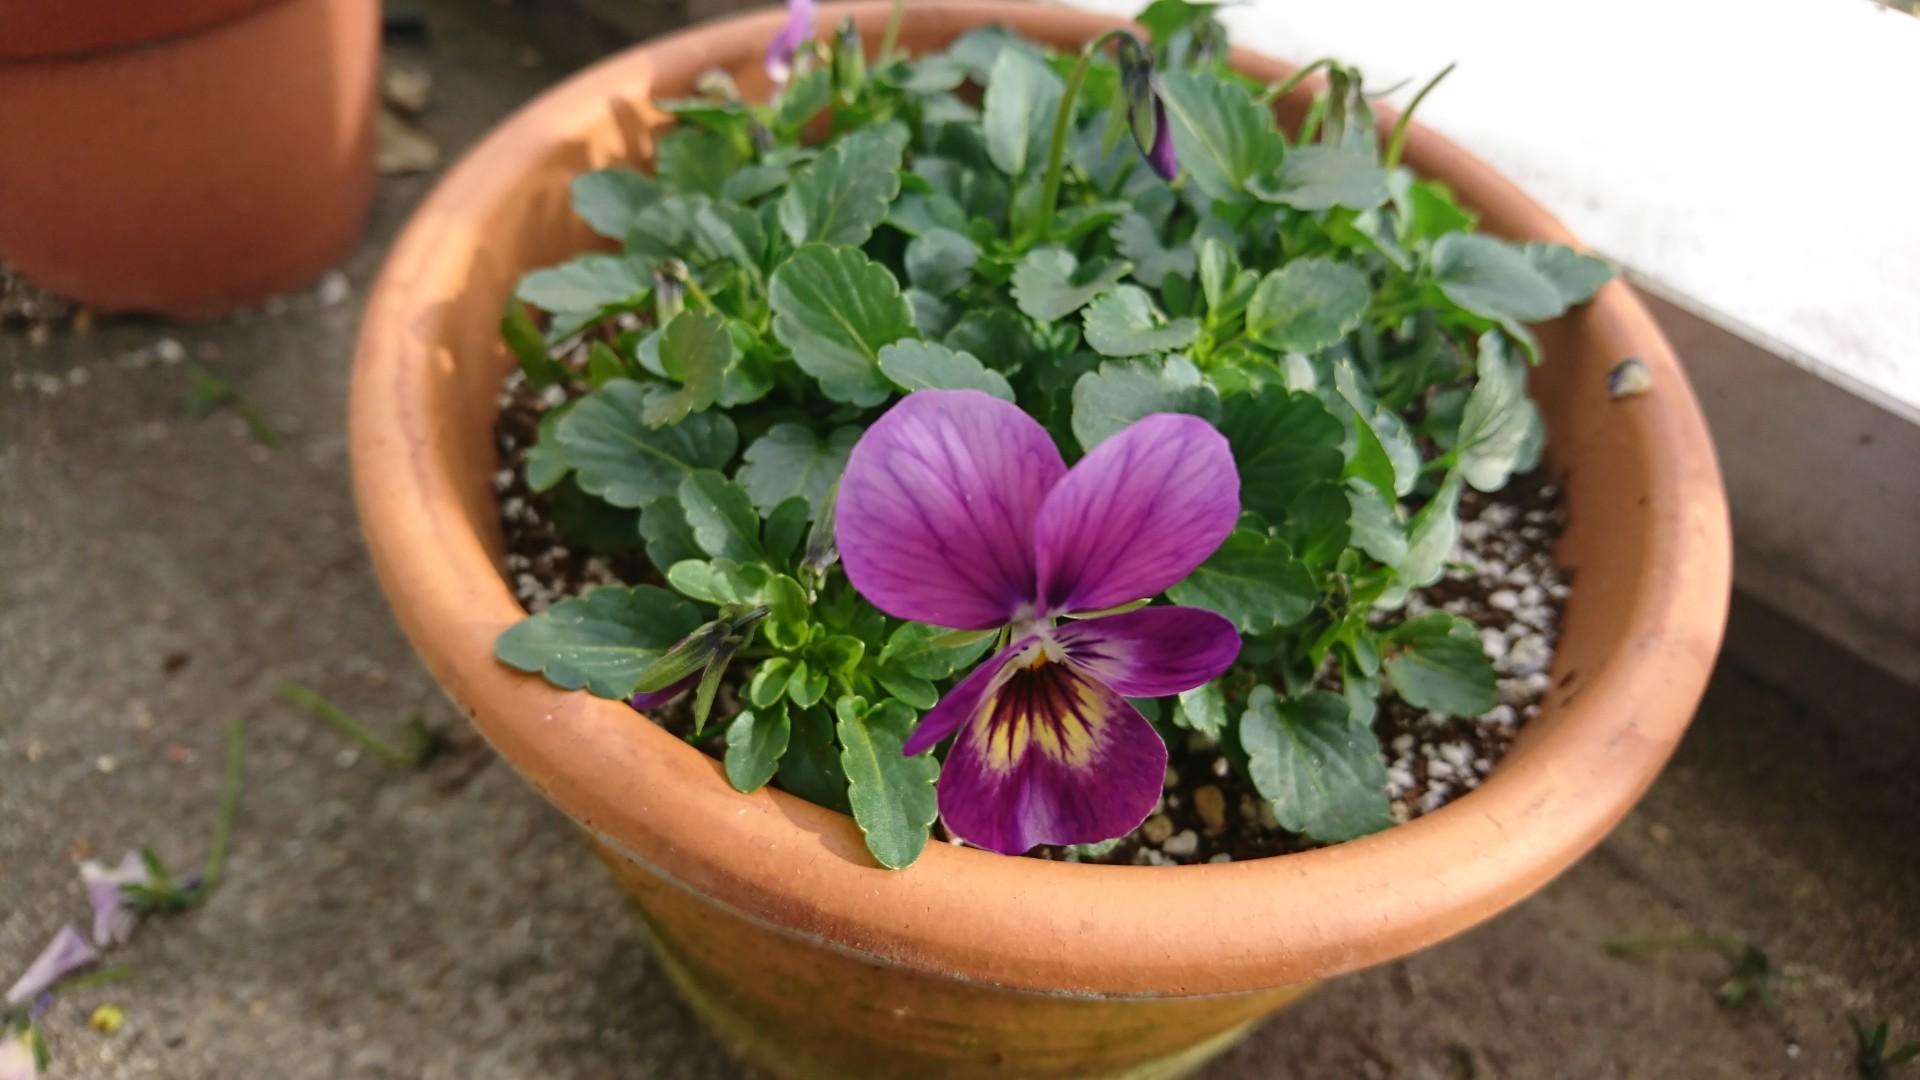 春を待つ小さな花芽たちと素敵なアソートカップ&ソーサー